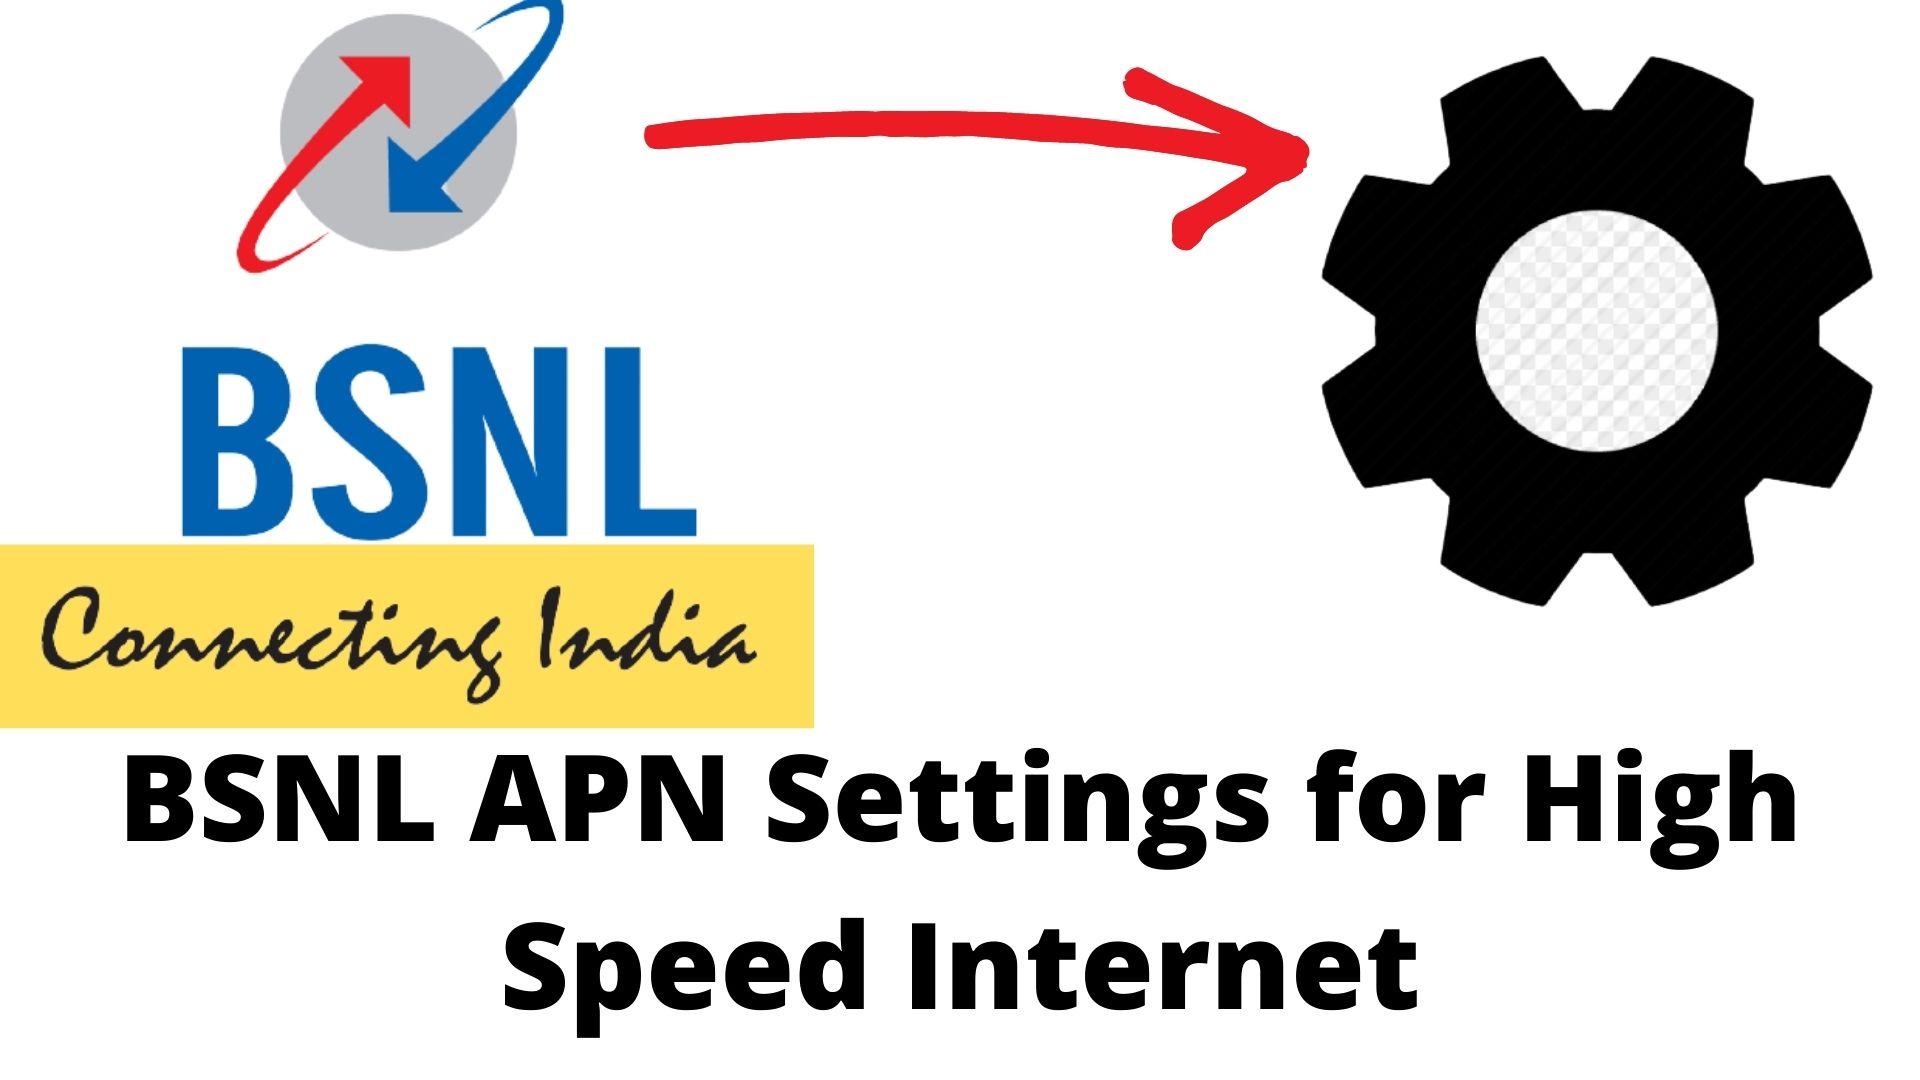 BSNL APN Settings for High Speed Internet